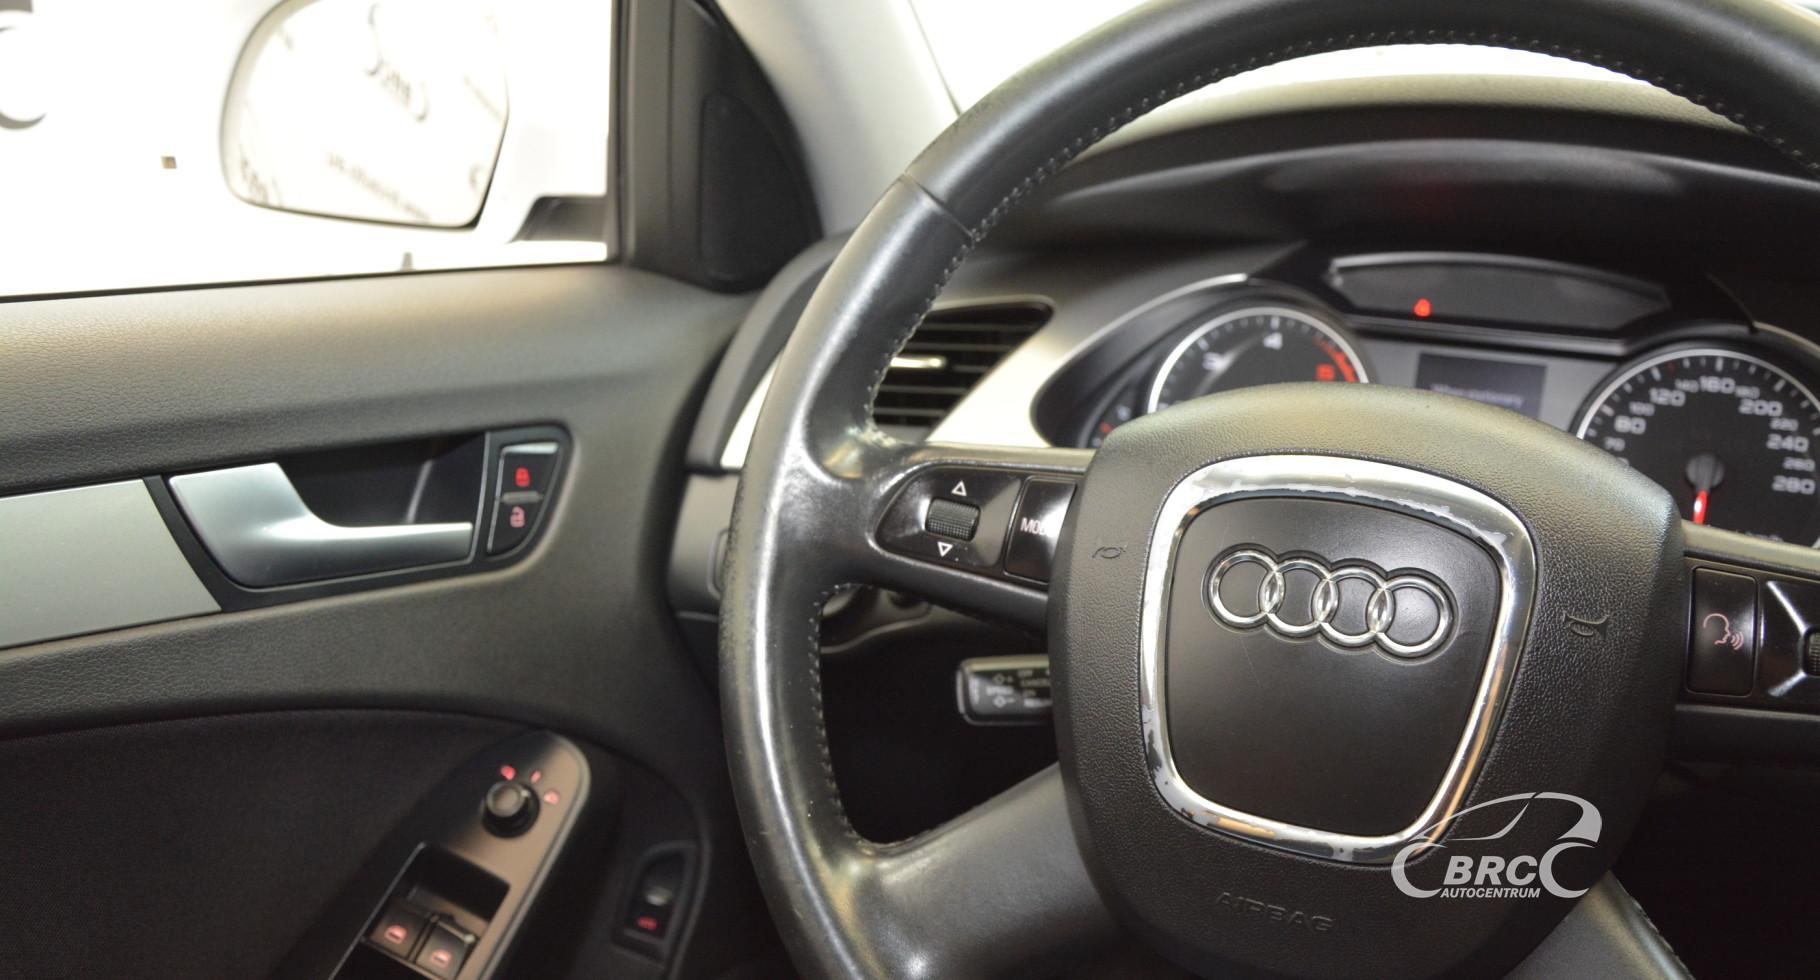 Audi A4 2.0TDI Automatas